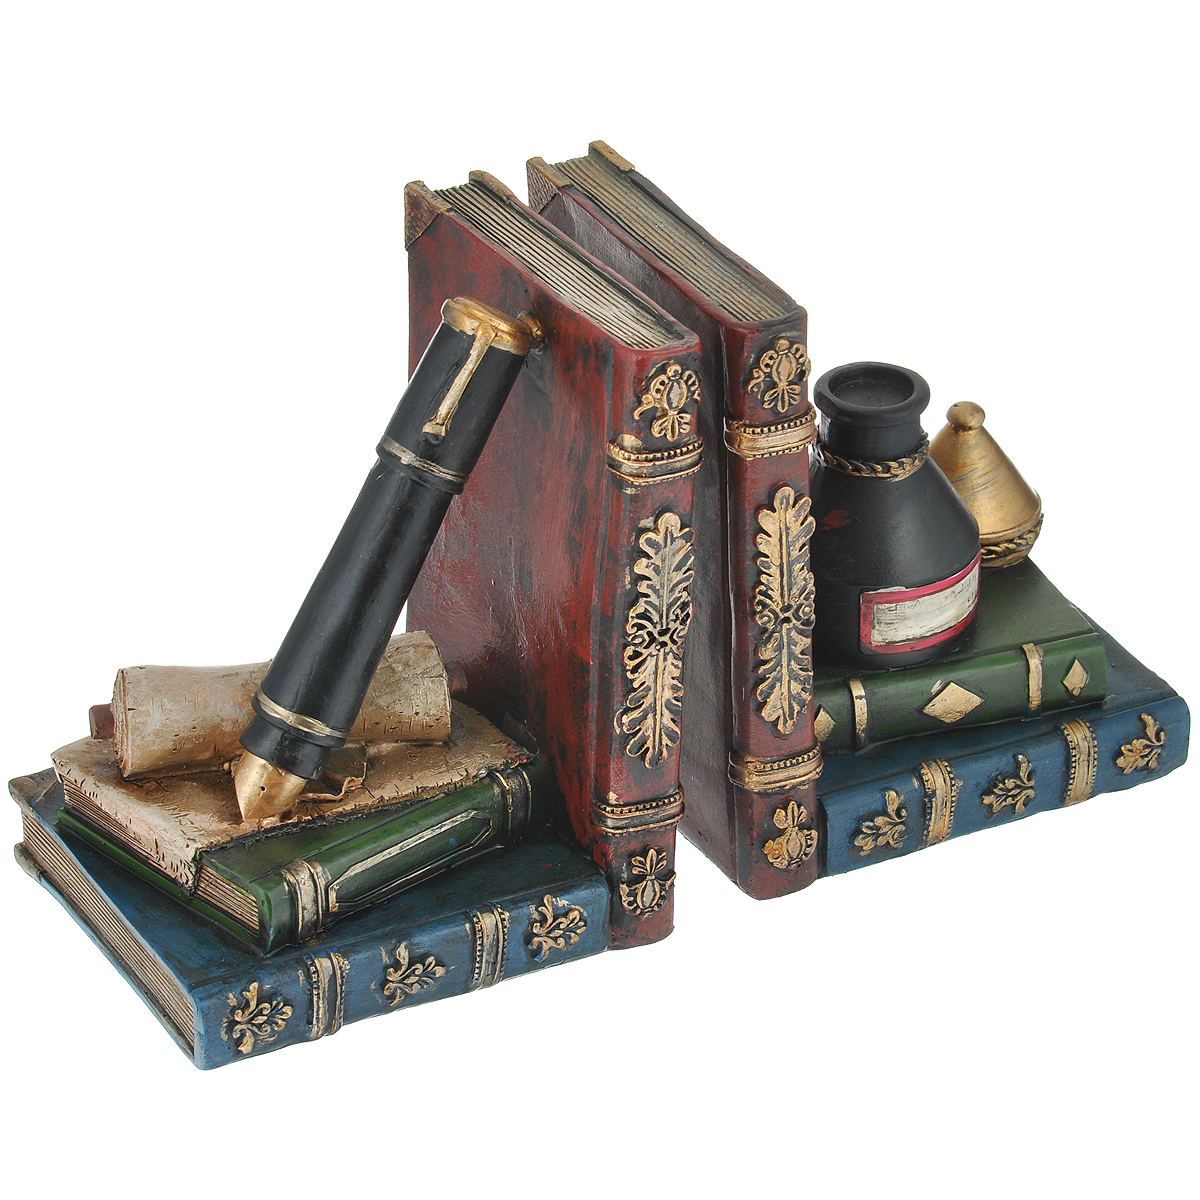 Декоративная подставка-ограничитель для книг Феникс-презент Алхимия, 2 шт36127Подставка-ограничитель для книг Алхимия, изготовленная из полирезины, состоит из двух частей, с помощью которых можно подпирать книги с двух сторон. Изделия выполнены в виде книг, пера и чернил. Между ограничителями можно поместить неограниченное количество книг. Подставка-ограничитель для книг Алхимия - это не только подставка для книг, но и интересный элемент декора, который ярко дополнит интерьер помещения. Размер одной части подставки-ограничителя: 13 см х 11 см х 15,5 см.Комплектация: 2 шт.